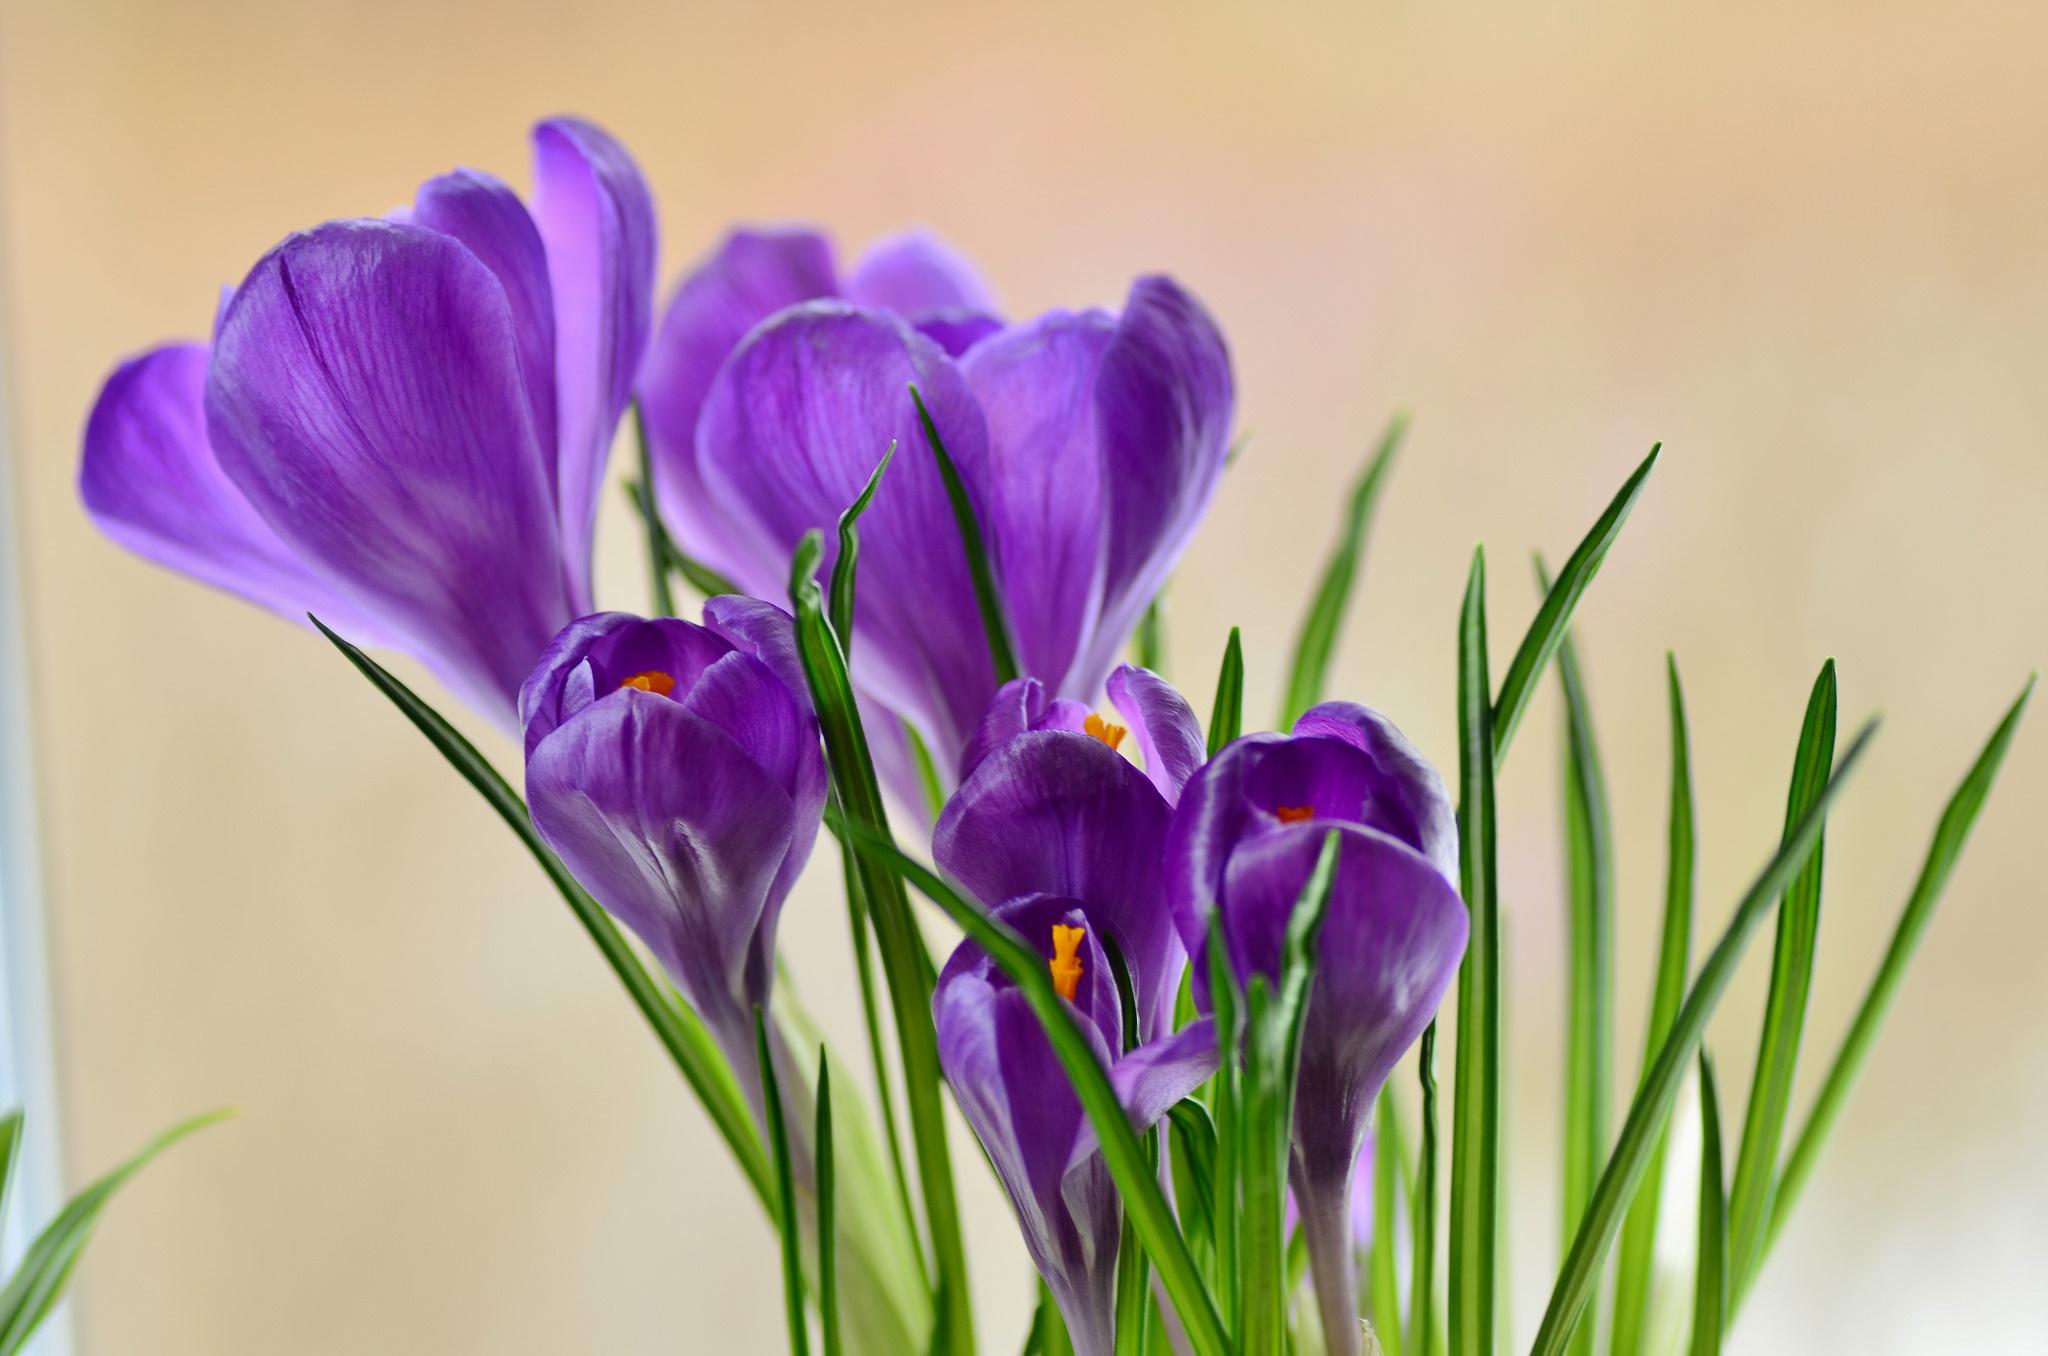 тюльпаны сиреневые фотообои дебилы